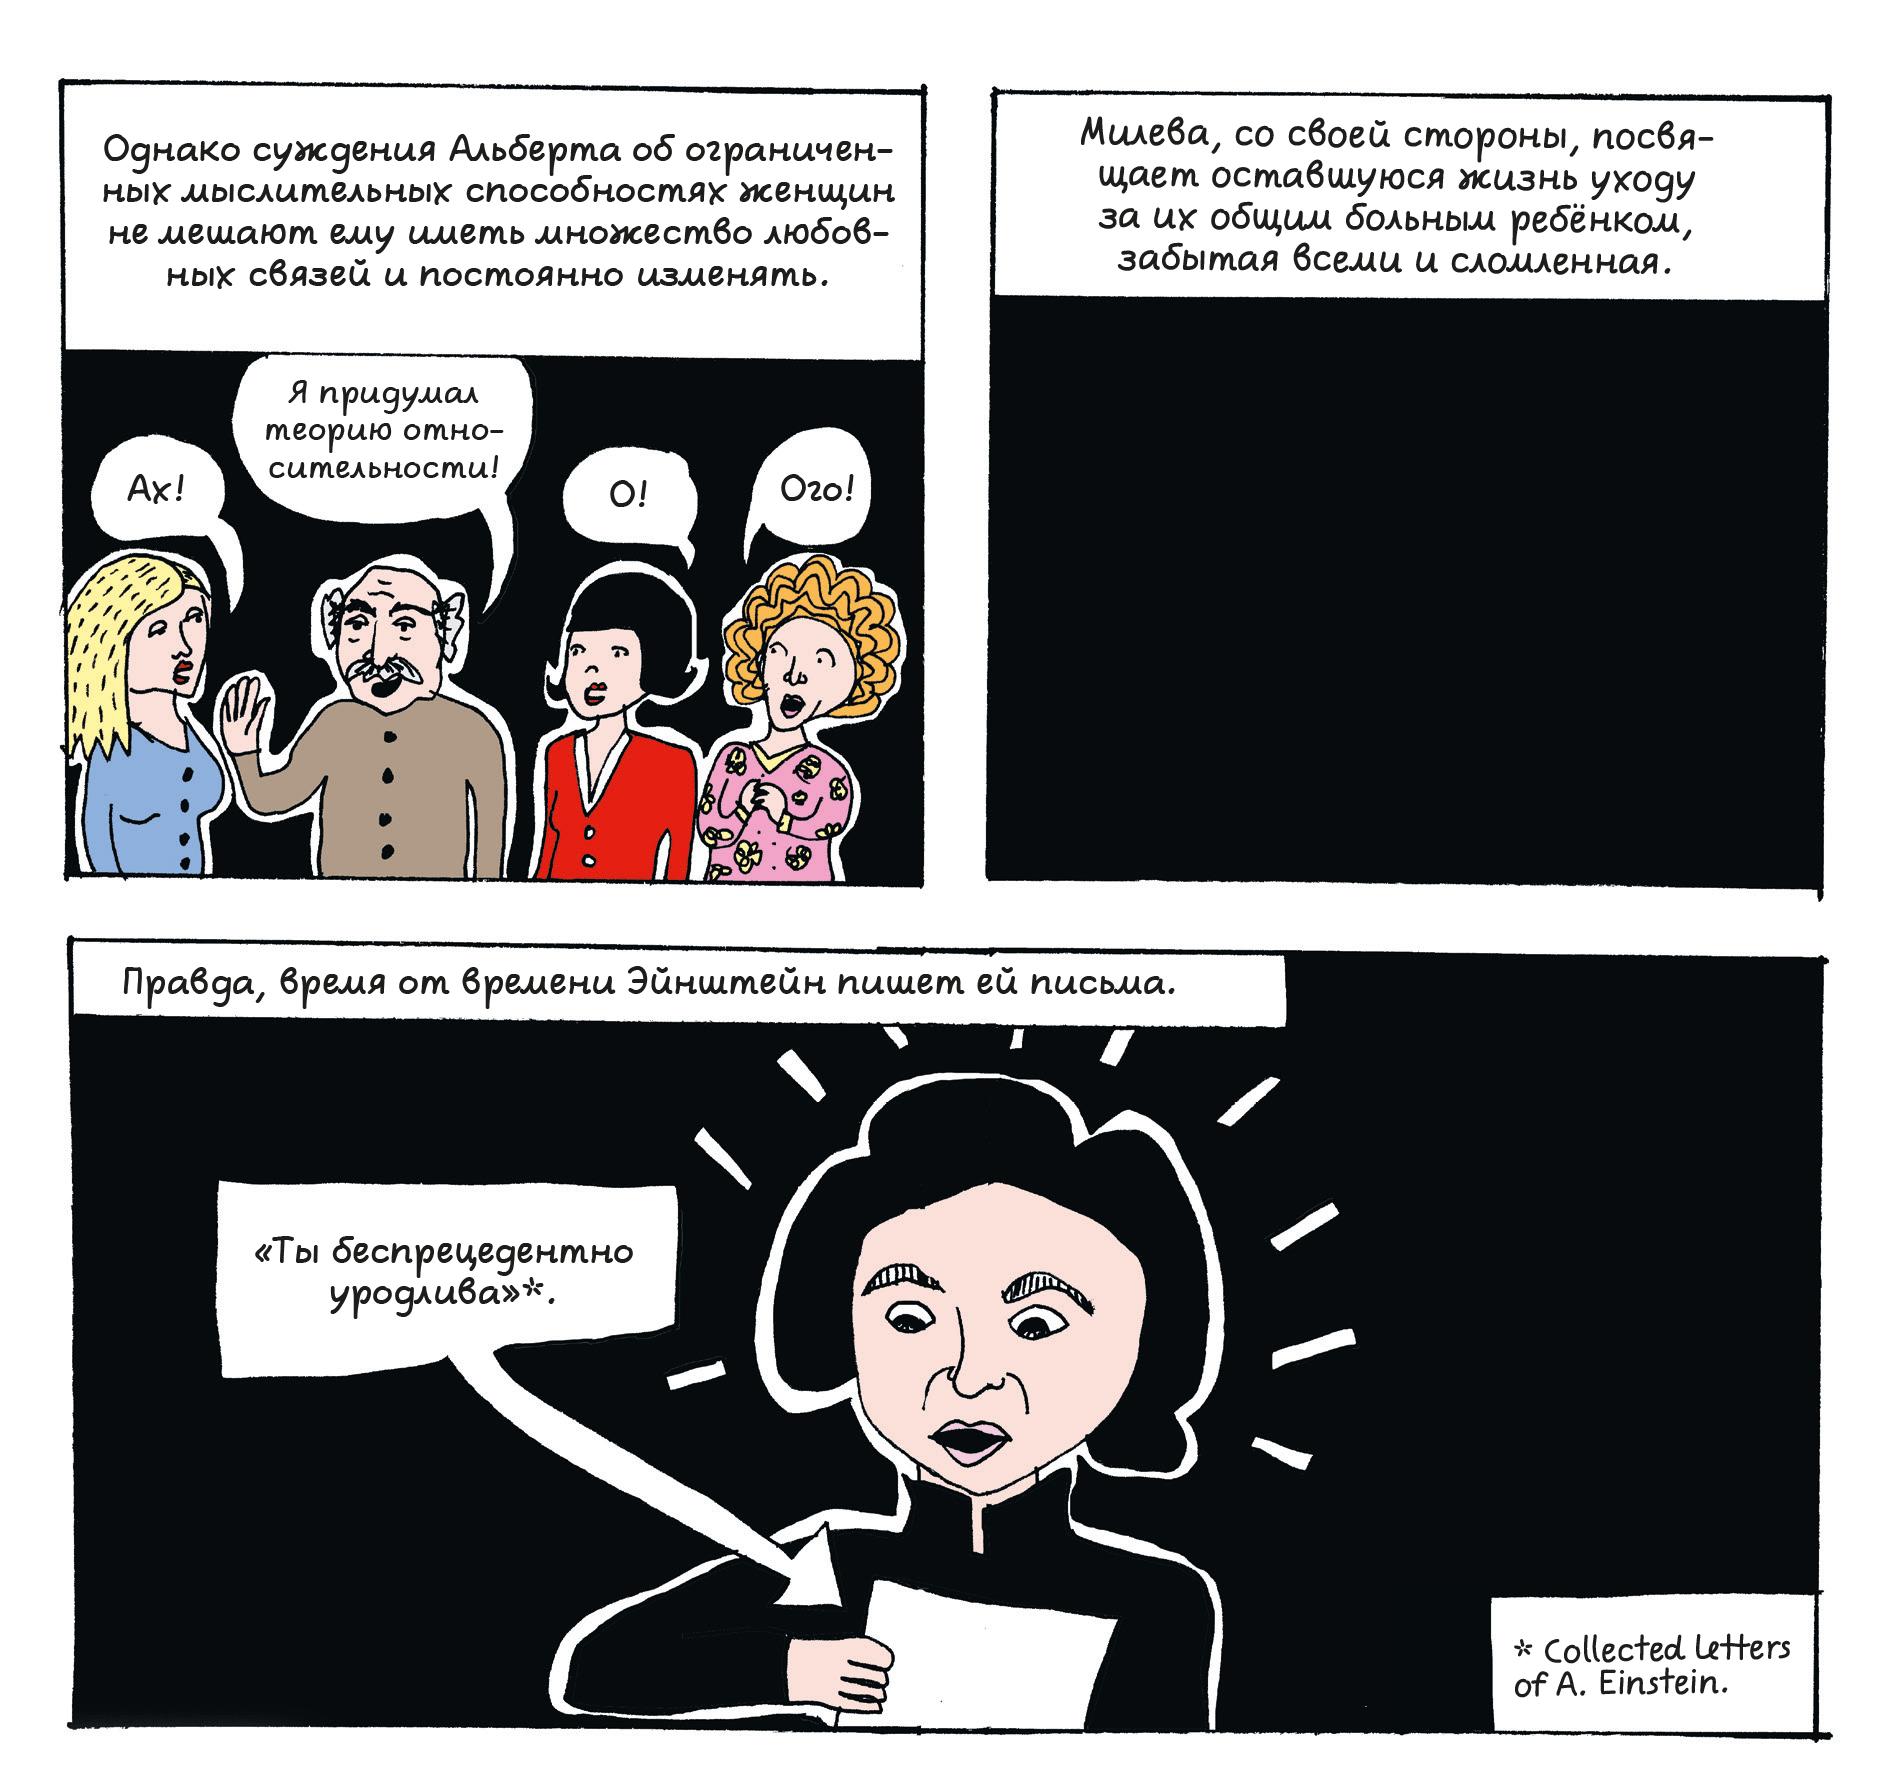 Иллюстрация из комикса Лив Стрёмквист «Жена Эйнштейна»